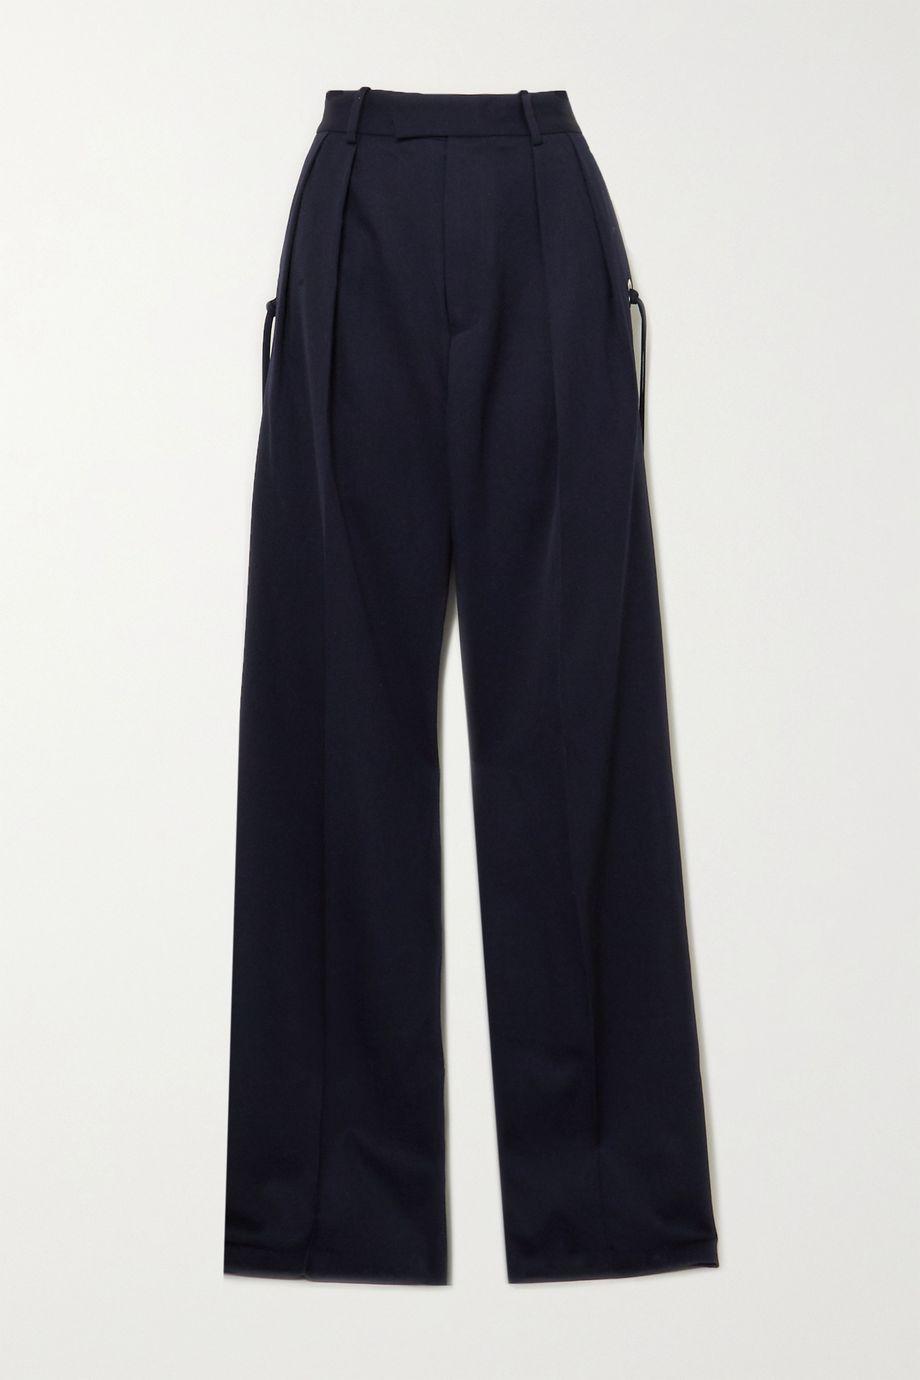 JW Anderson Pleated grain de poudre wool wide-leg pants